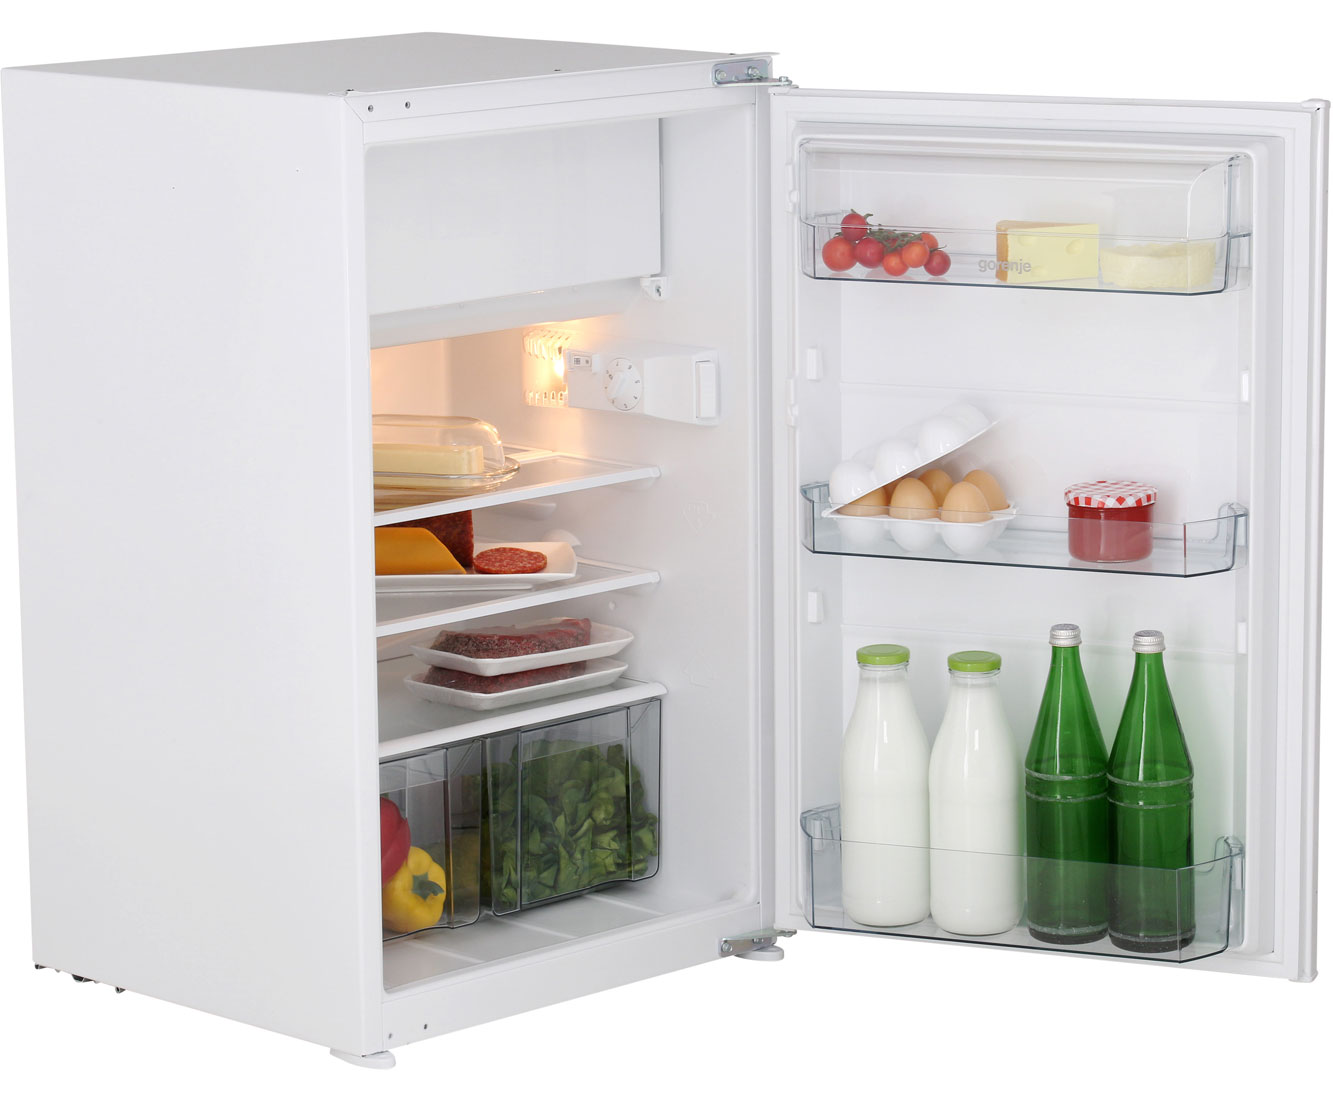 Gorenje Kühlschrank Otto : Einbaukühlschränke gefrierfach preisvergleich u2022 die besten angebote